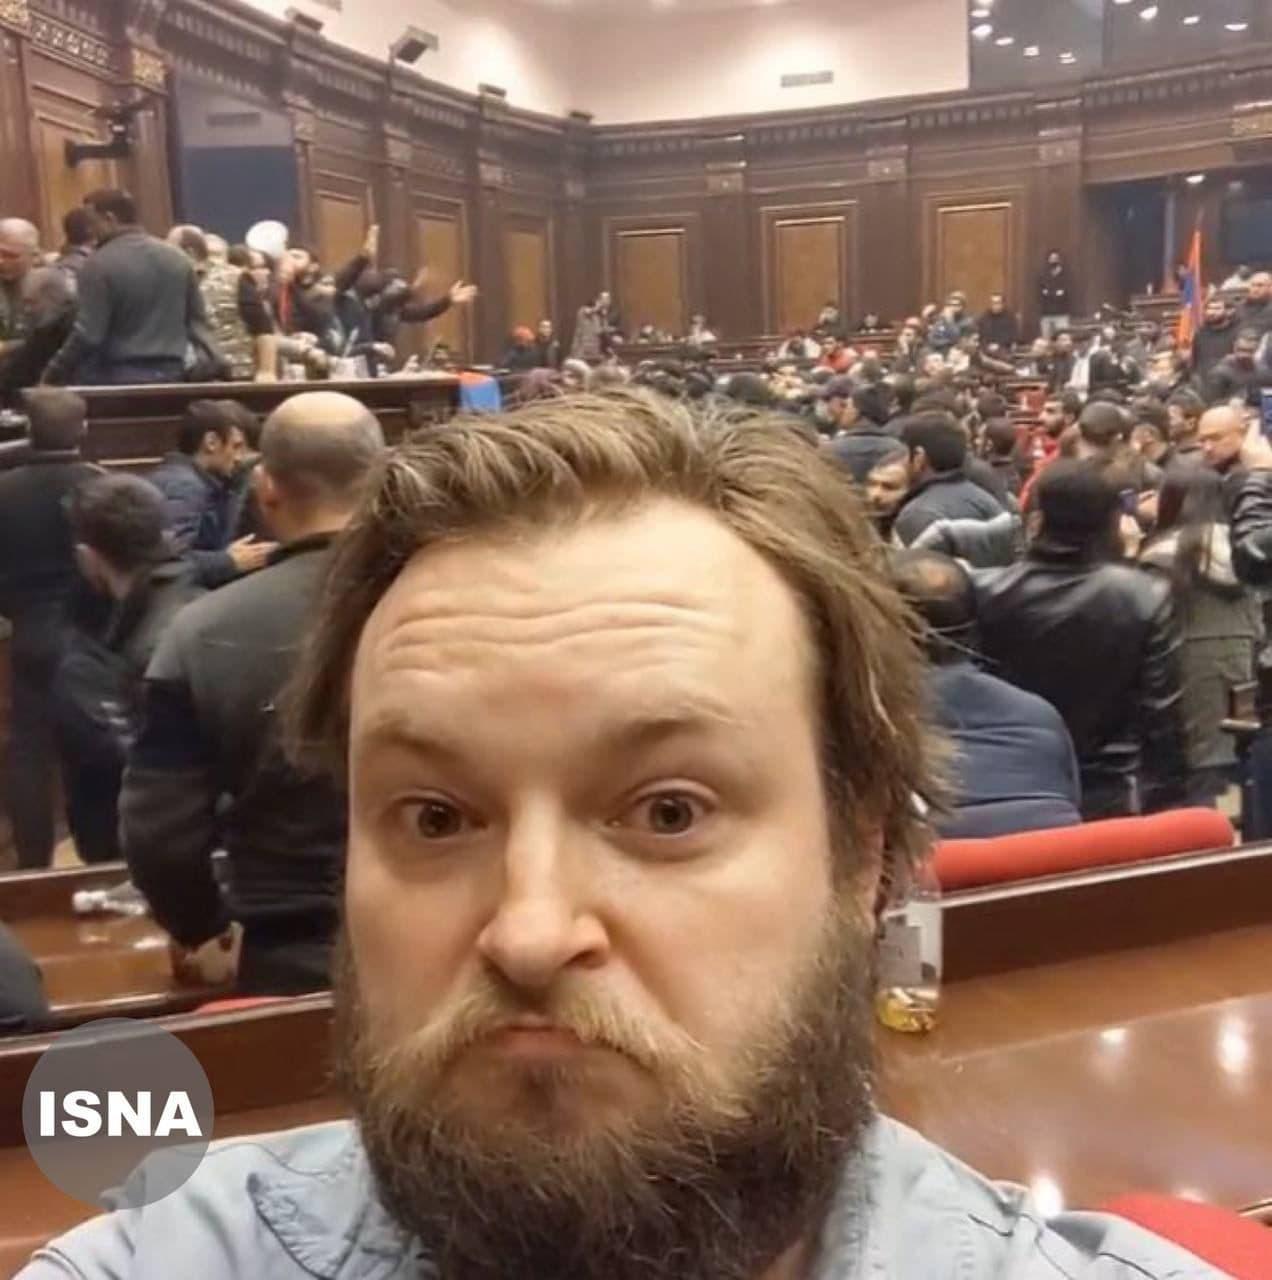 سلفی جالب خبرنگار سیانان از تسخیر کنگره